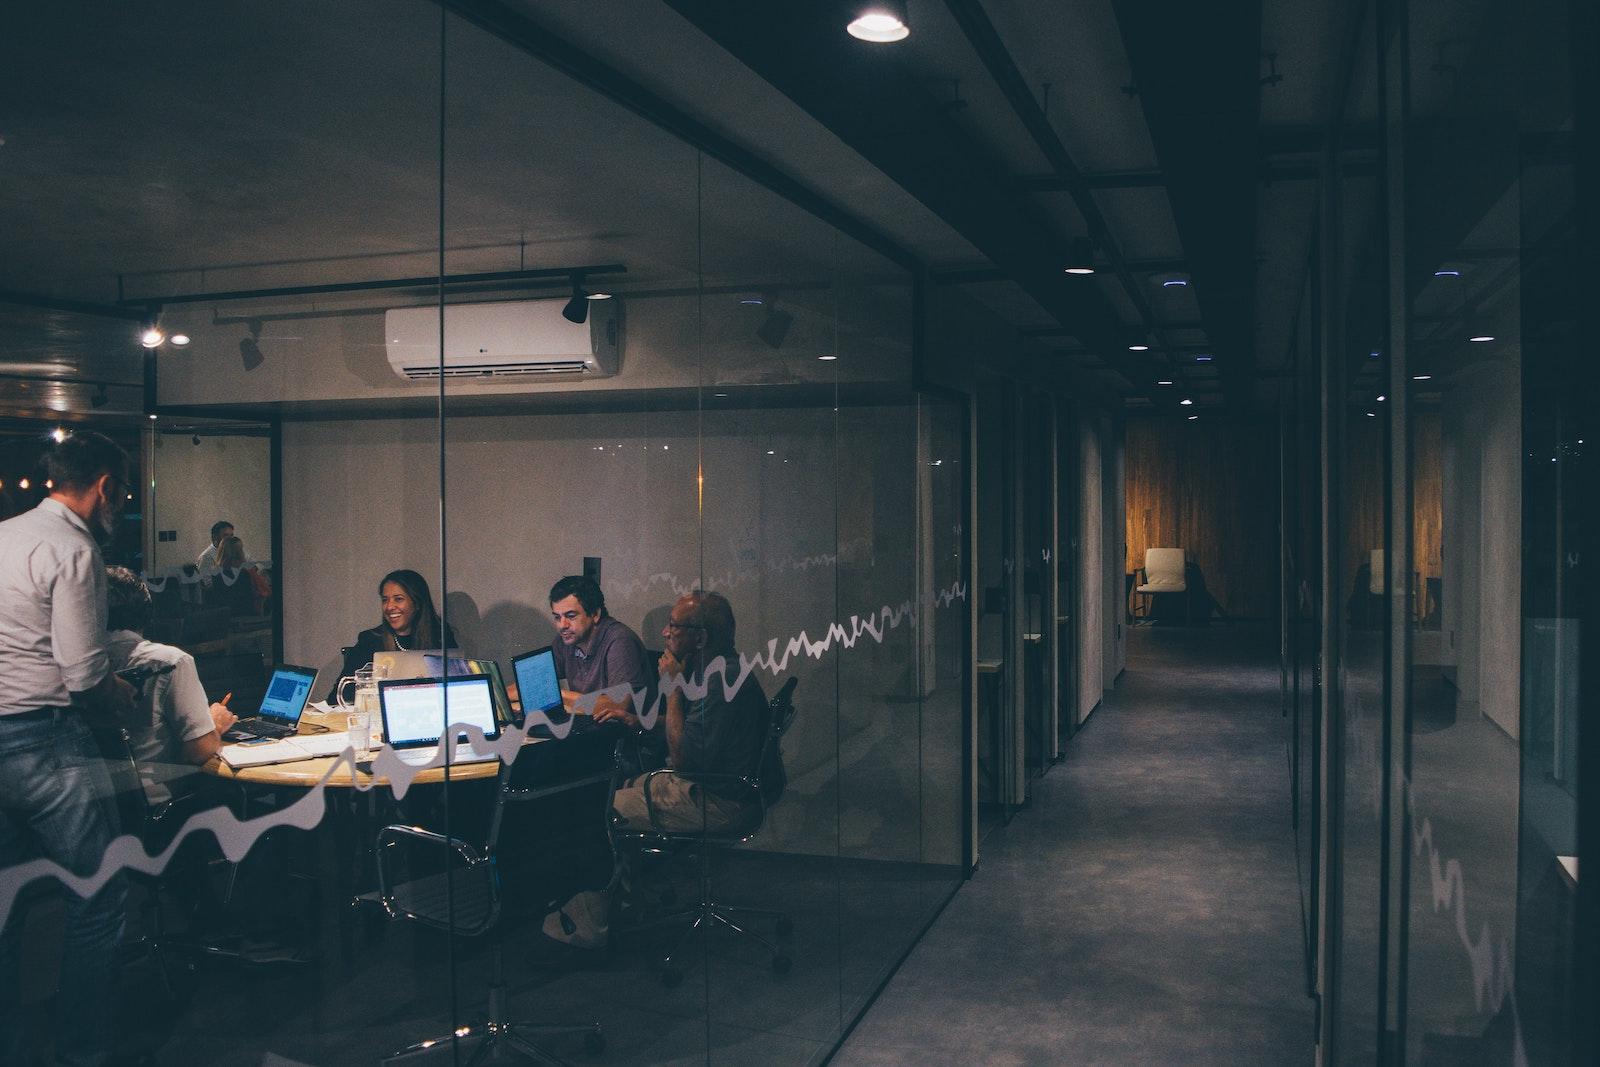 рабочее пространство со стеклянными перегородками